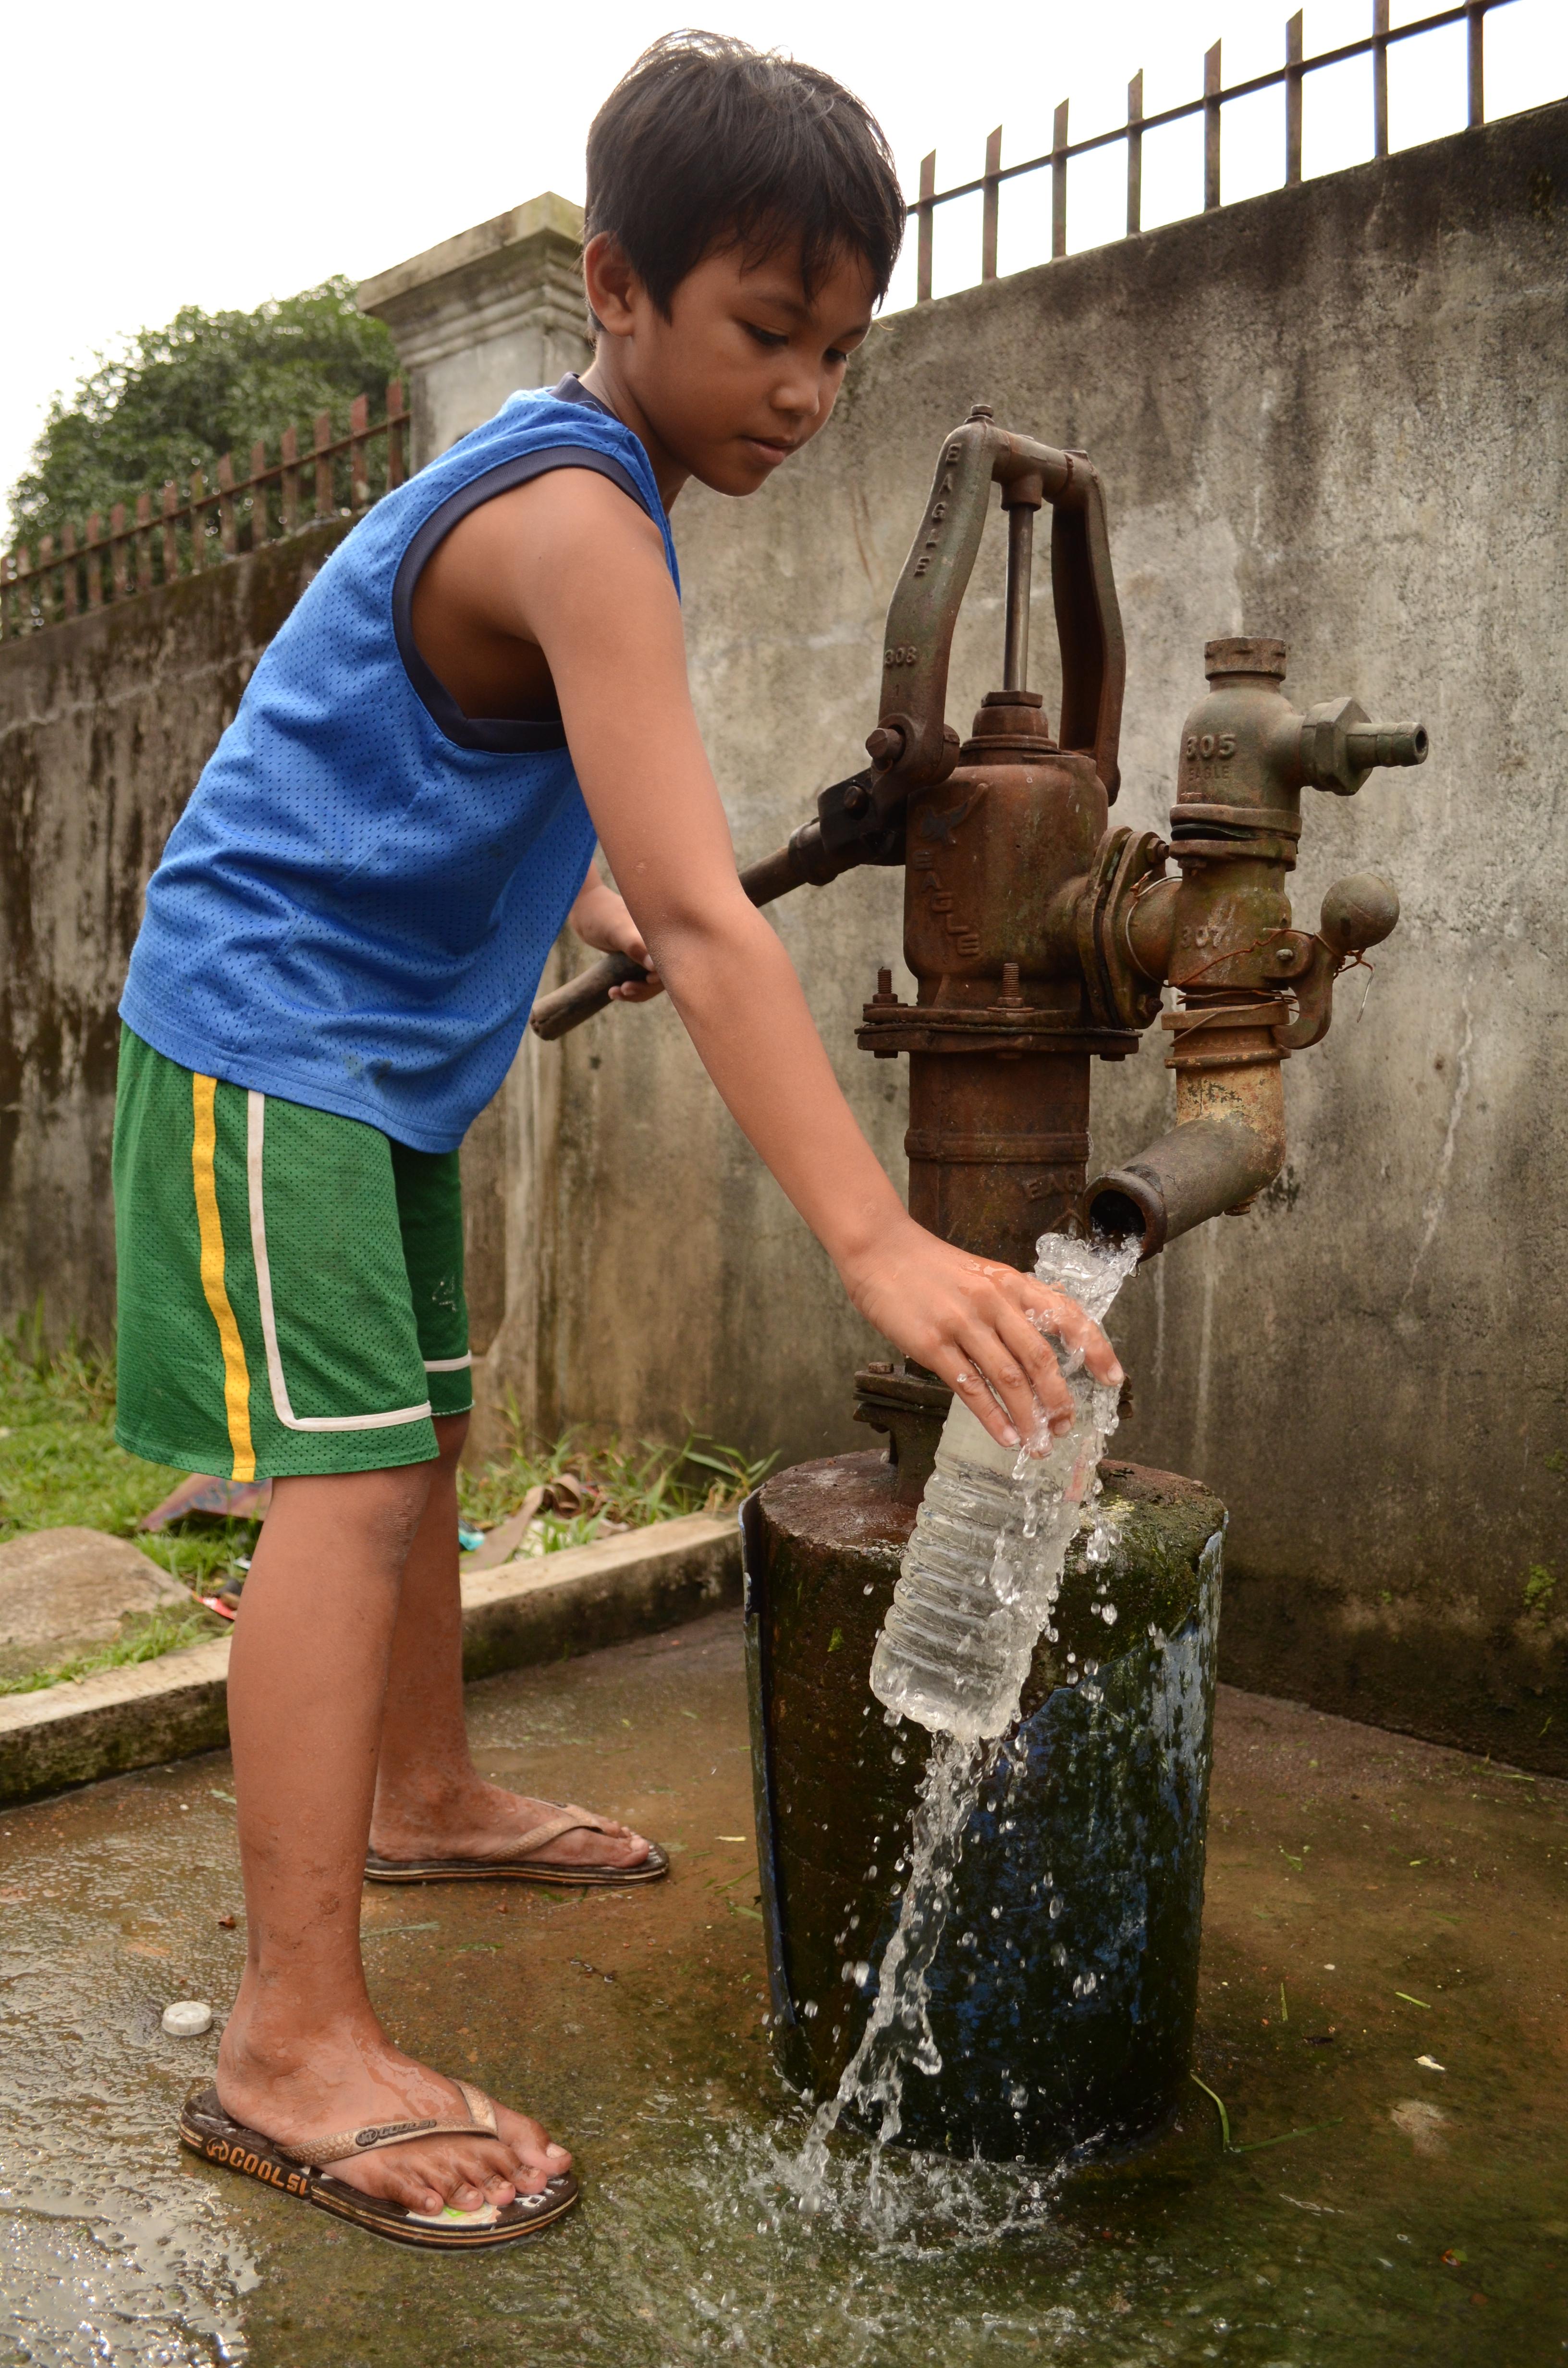 Un niño rellena su botella de agua